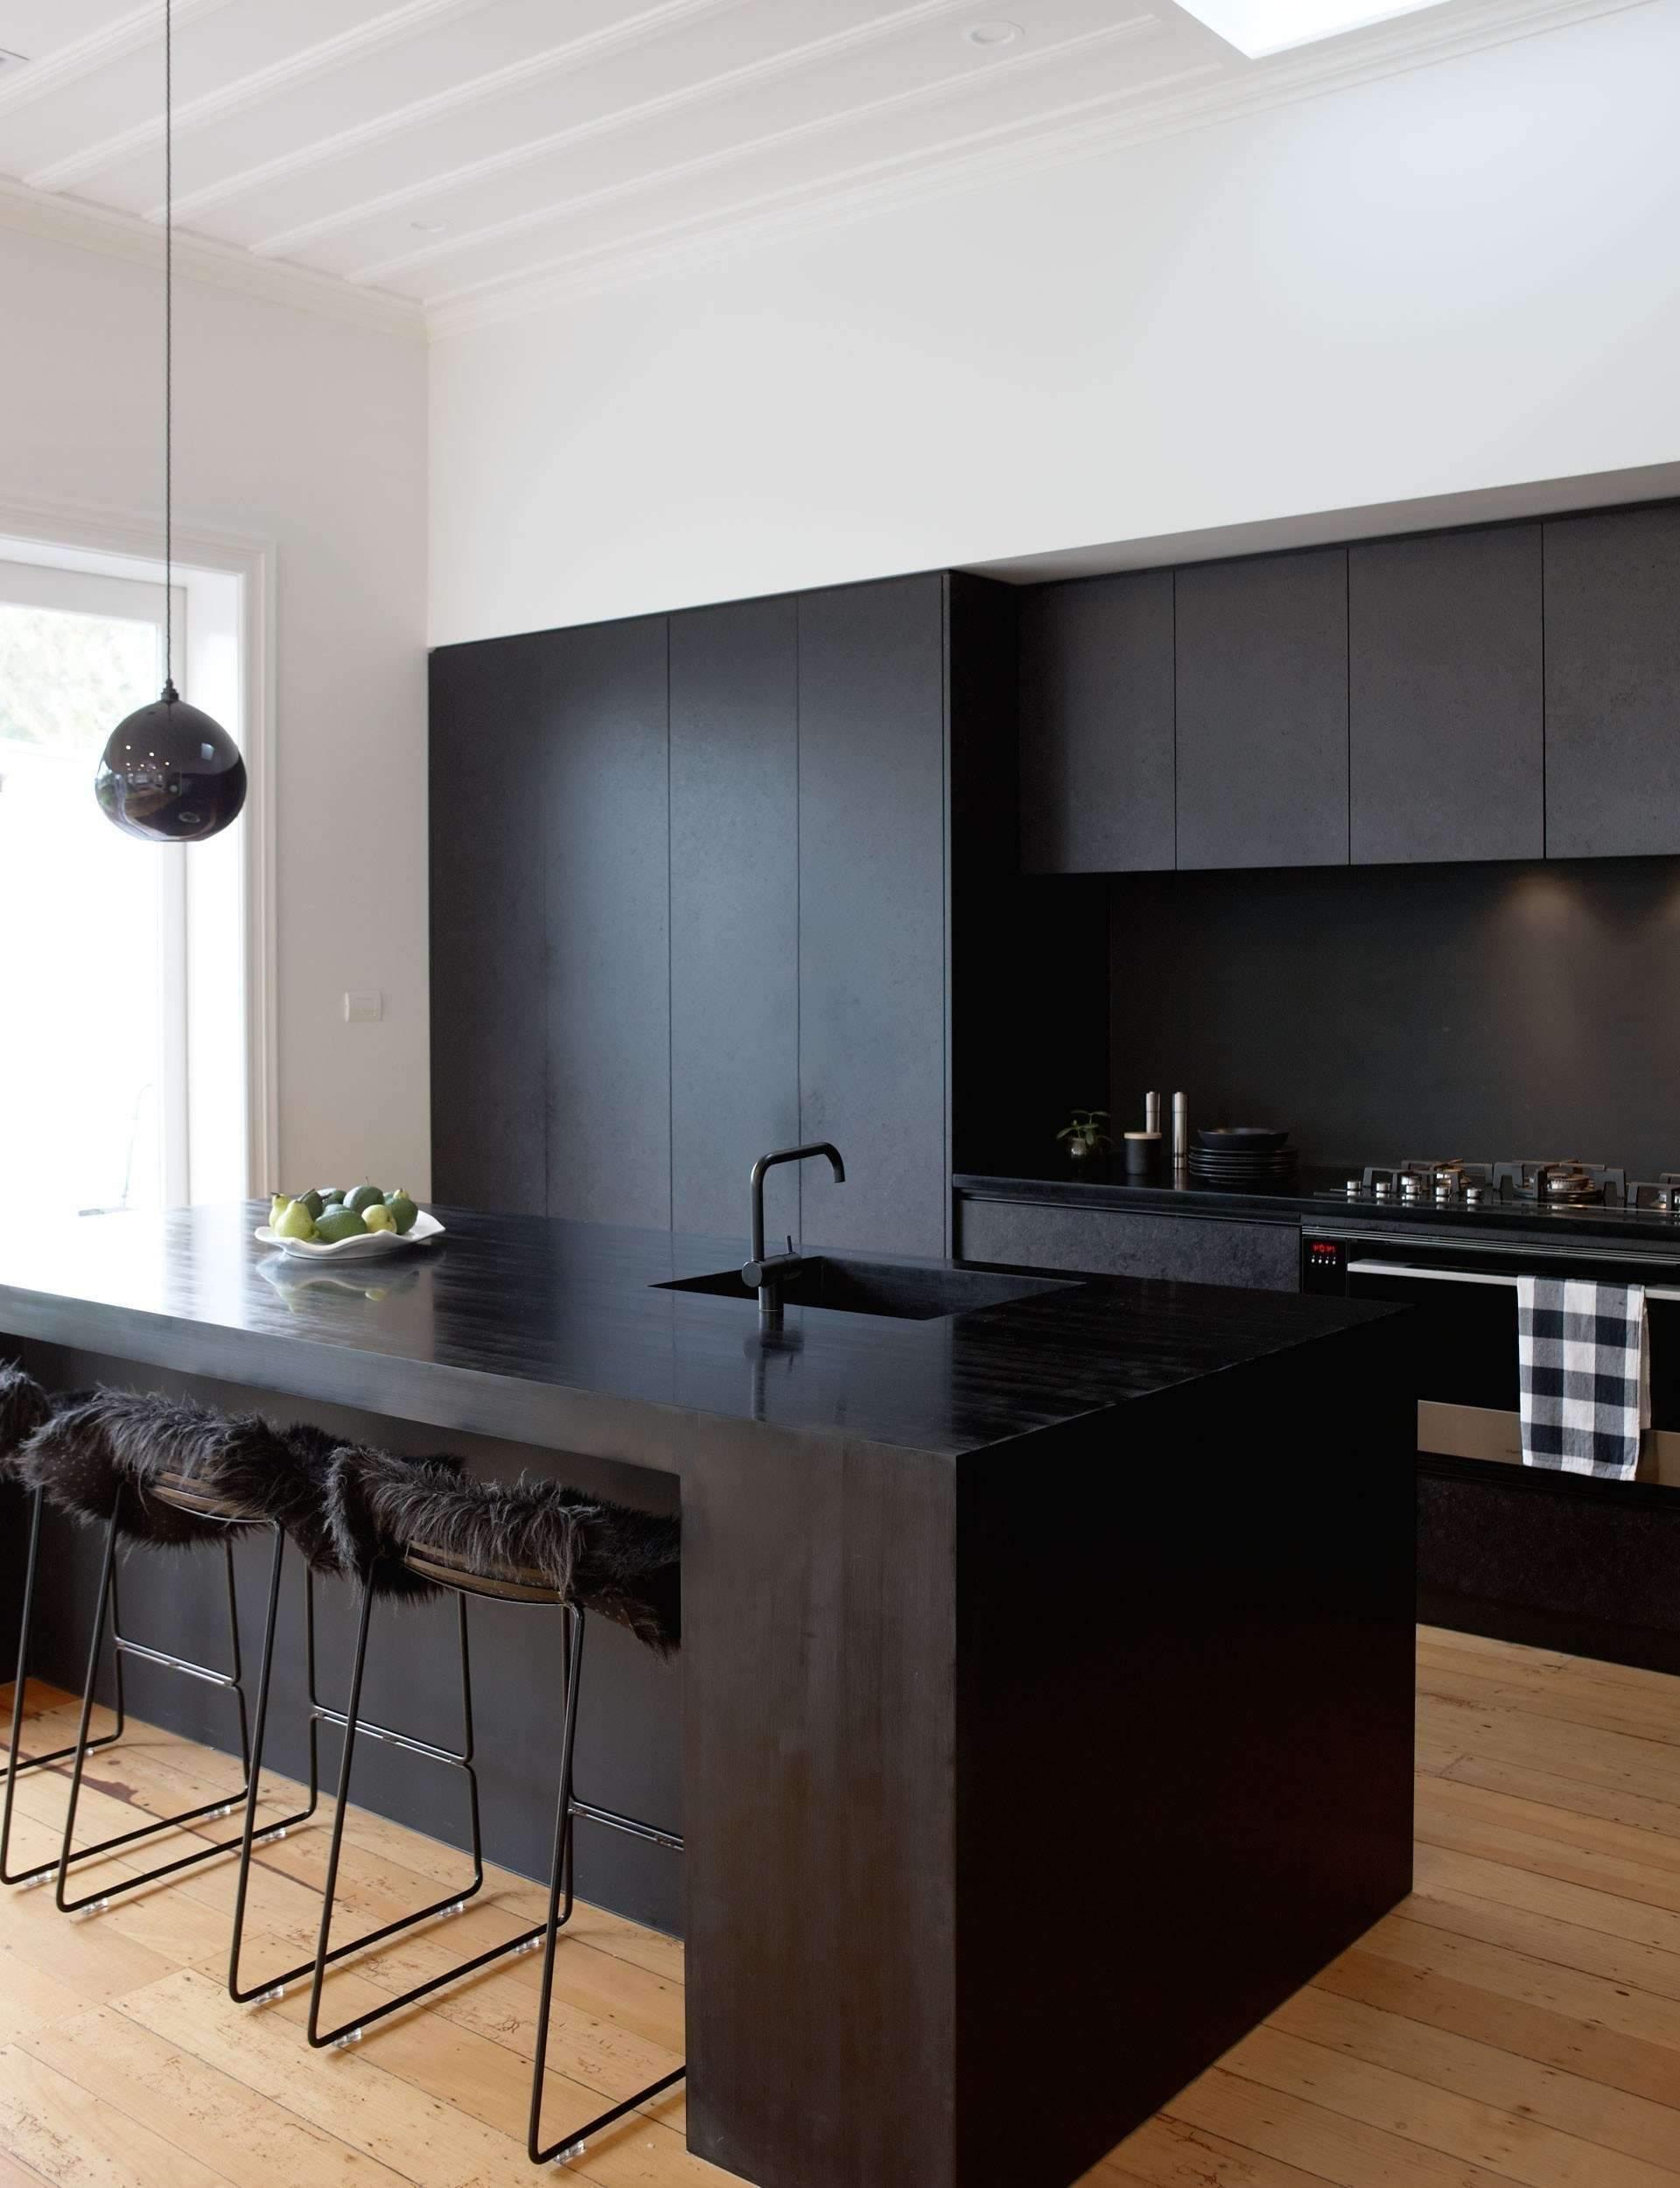 wohnzimmer parkett das beste von wohnzimmer inspiration neu ideen wohnzimmer streichen of wohnzimmer parkett